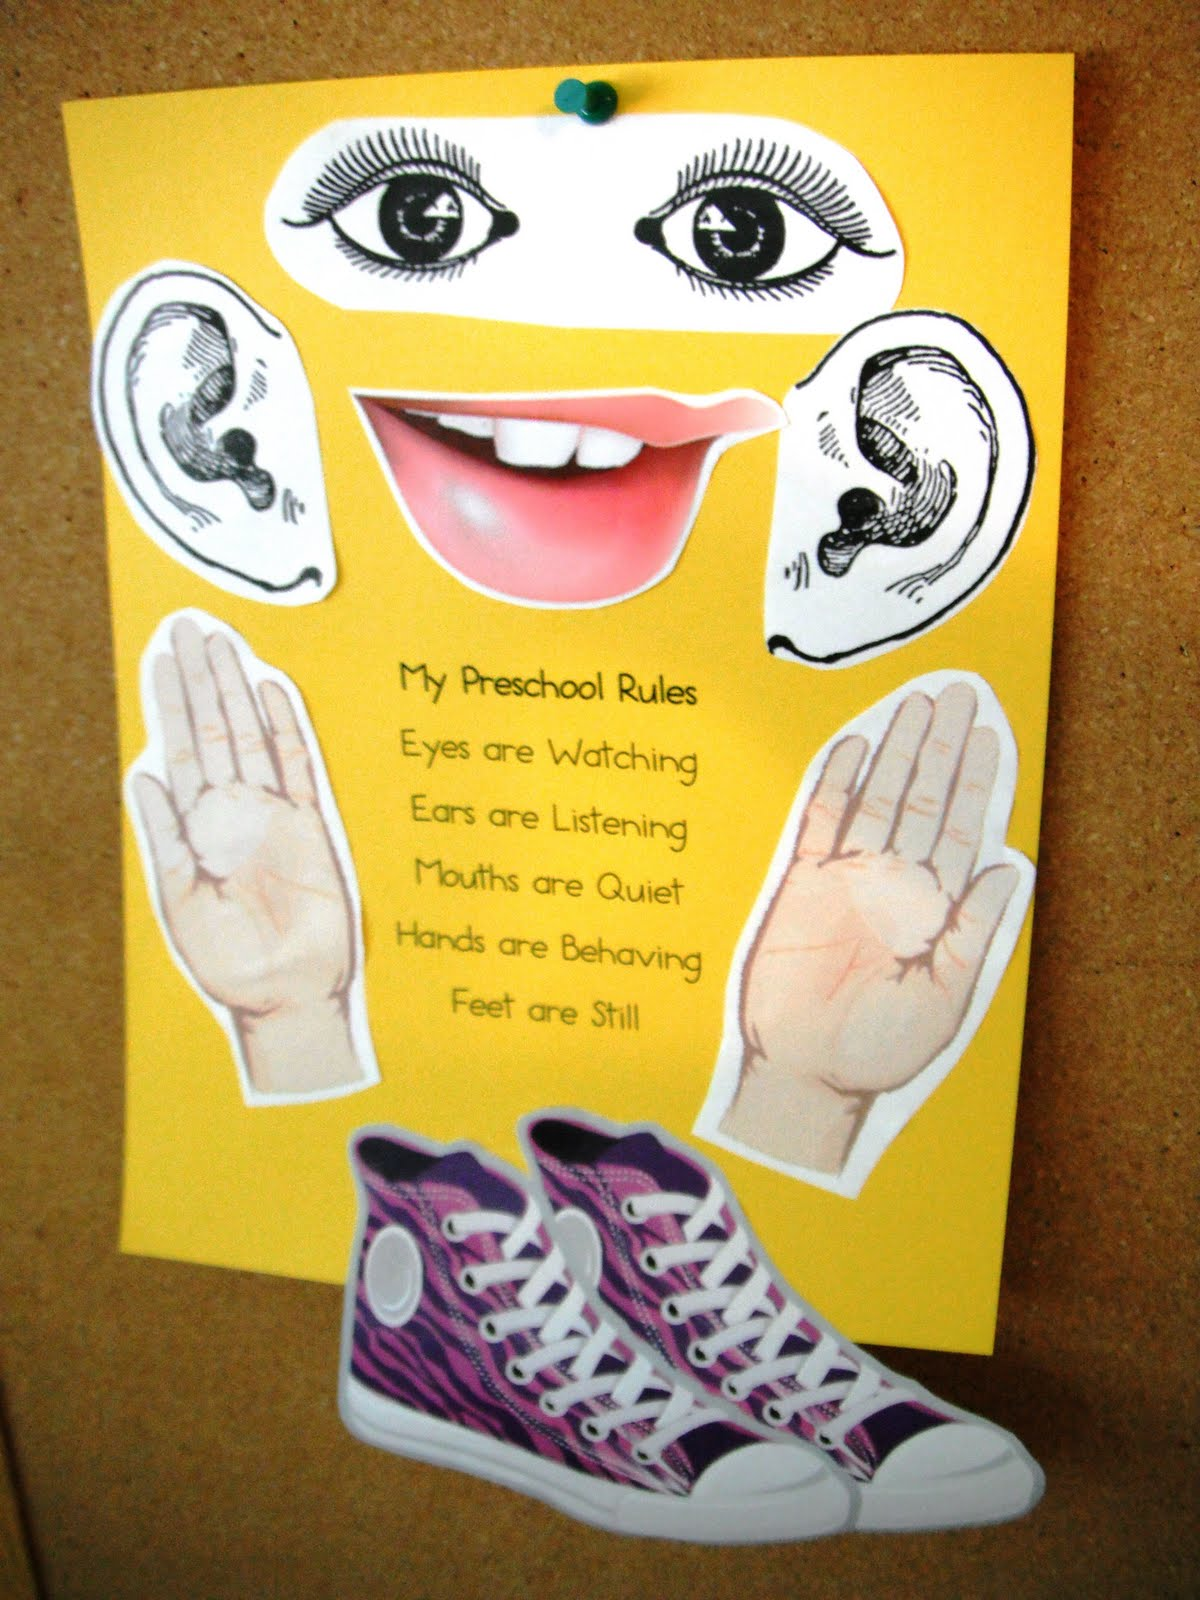 Happy Day Preschool Price Utah Preschool Preschool Rules